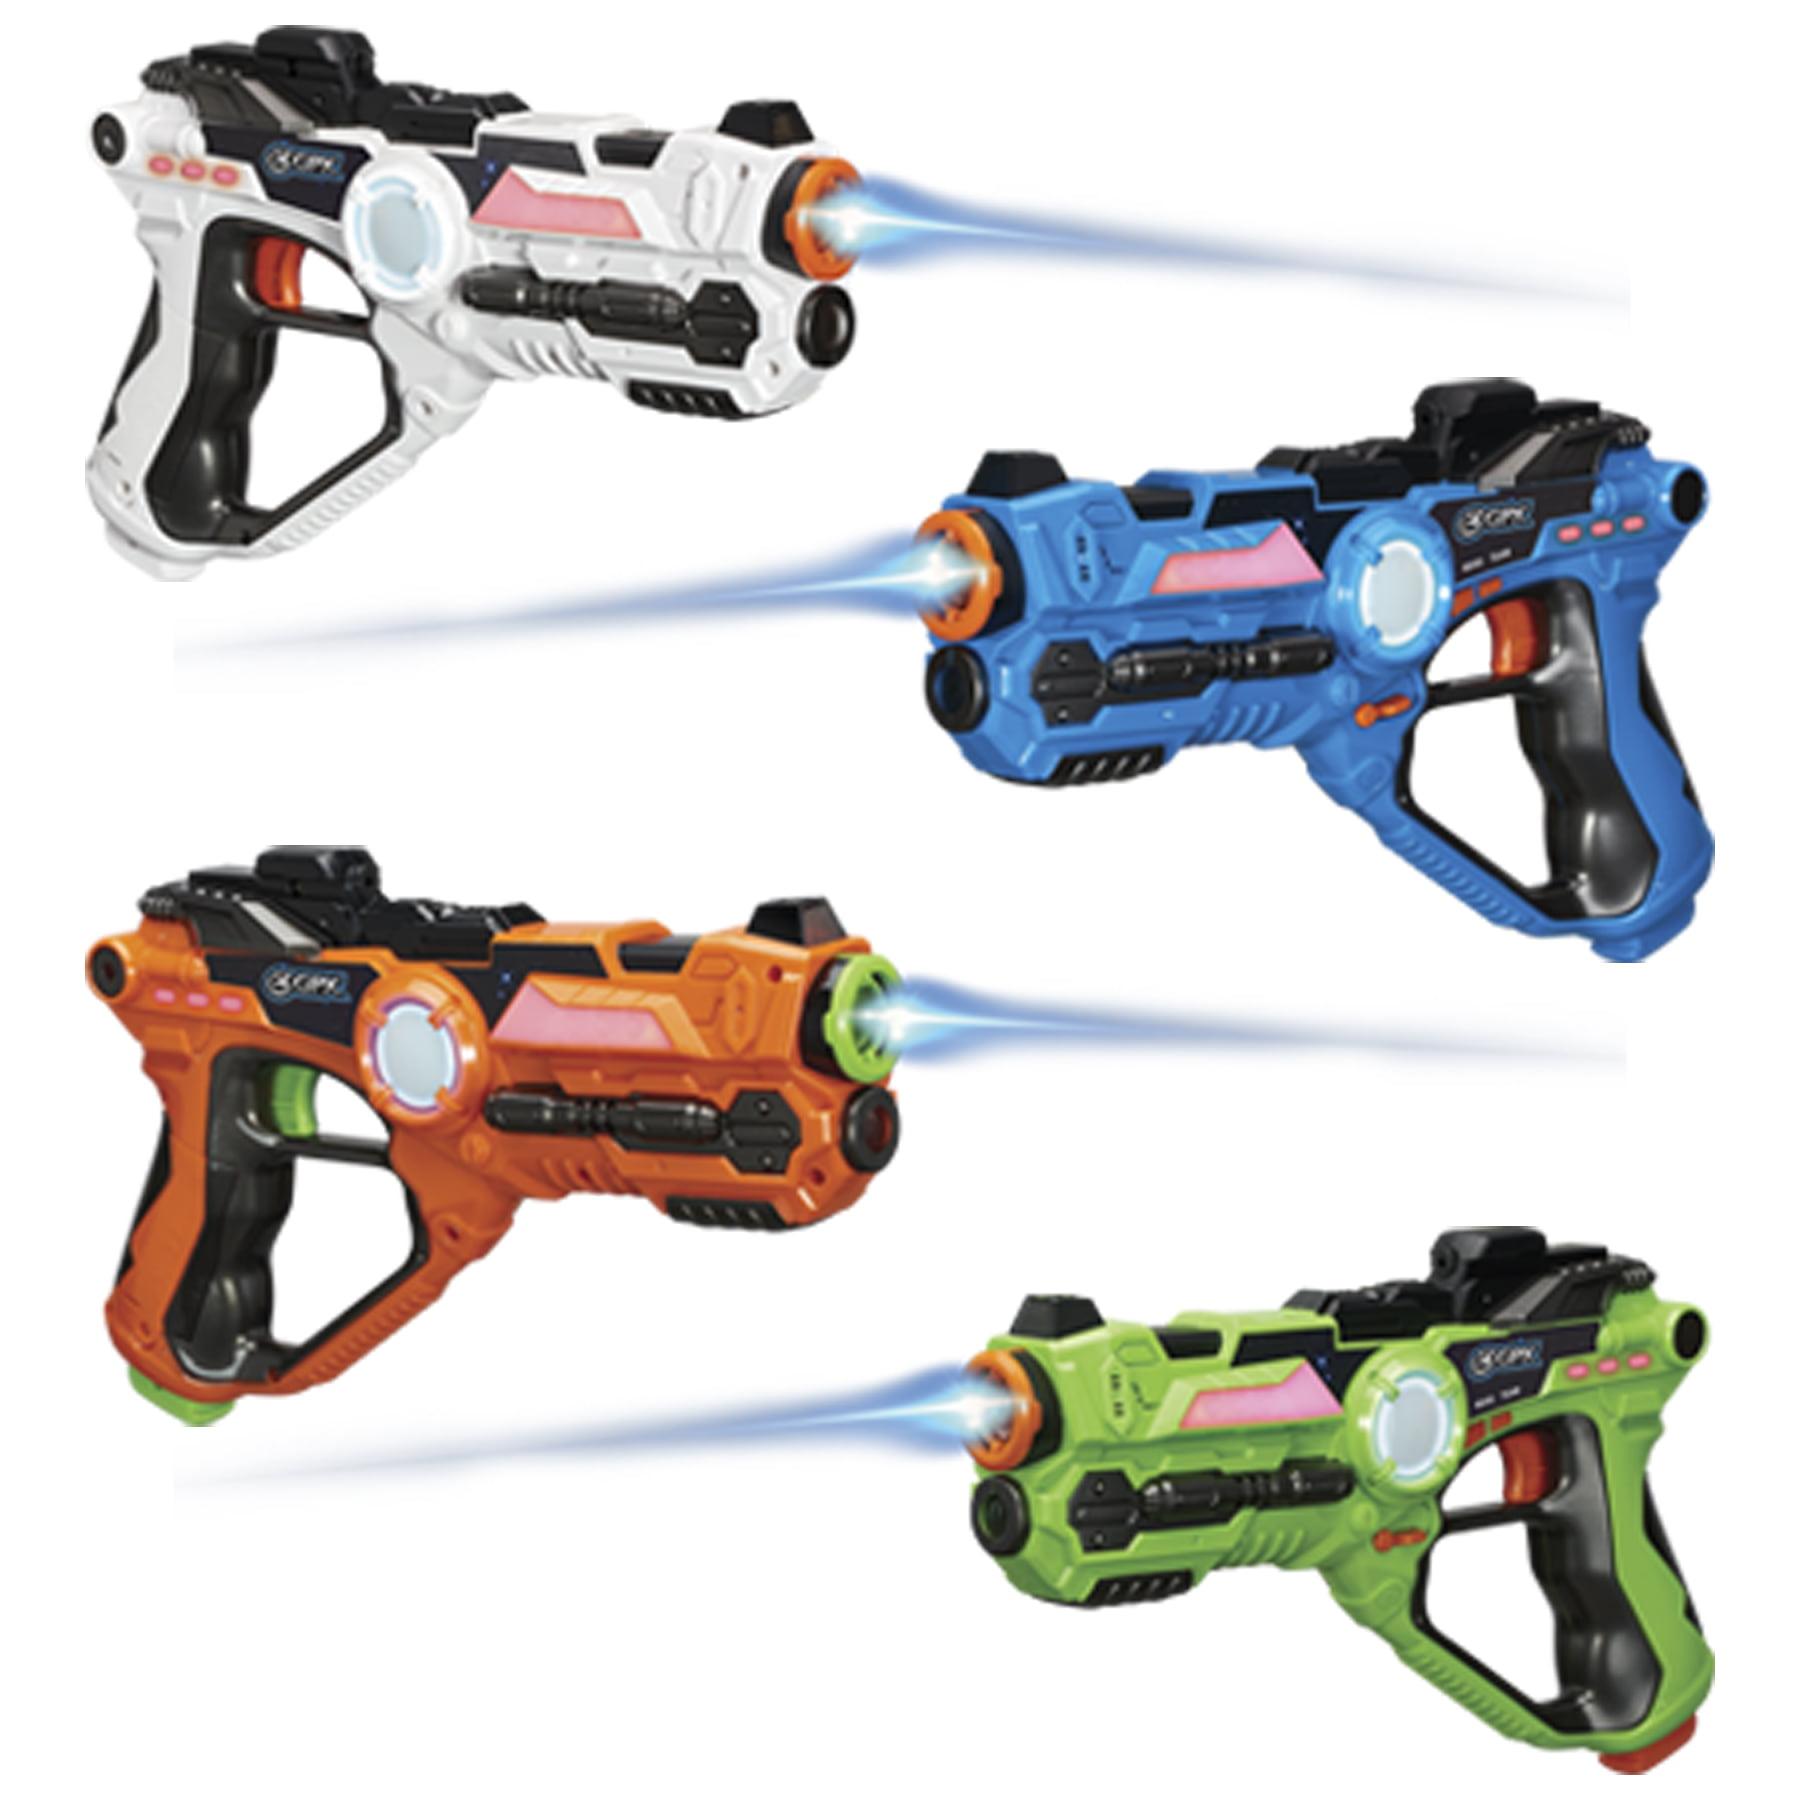 GPX Gen 2 Laser Tag Blaster, Set of 4, LT458